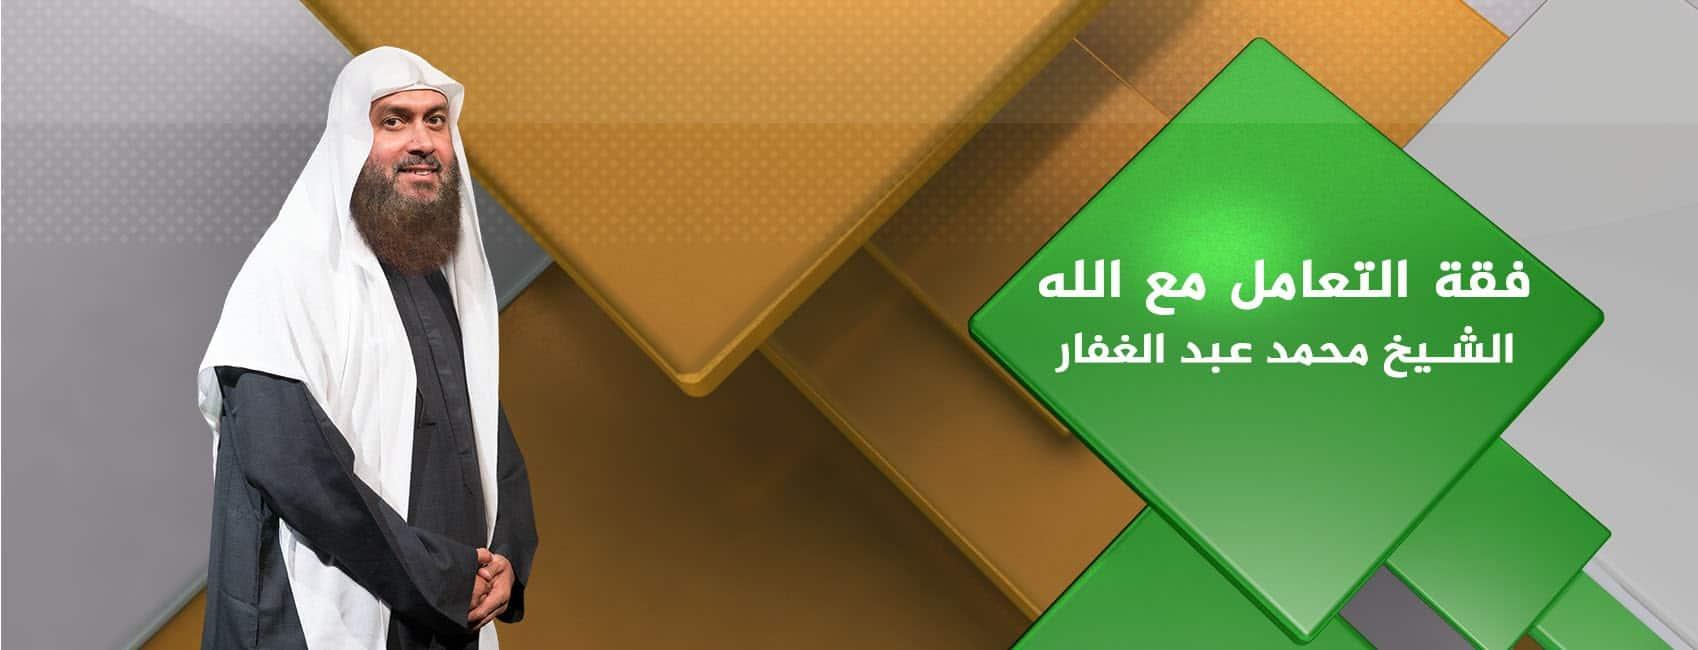 فقة التعامل مع الله الشيخ محمد عبد الغفار